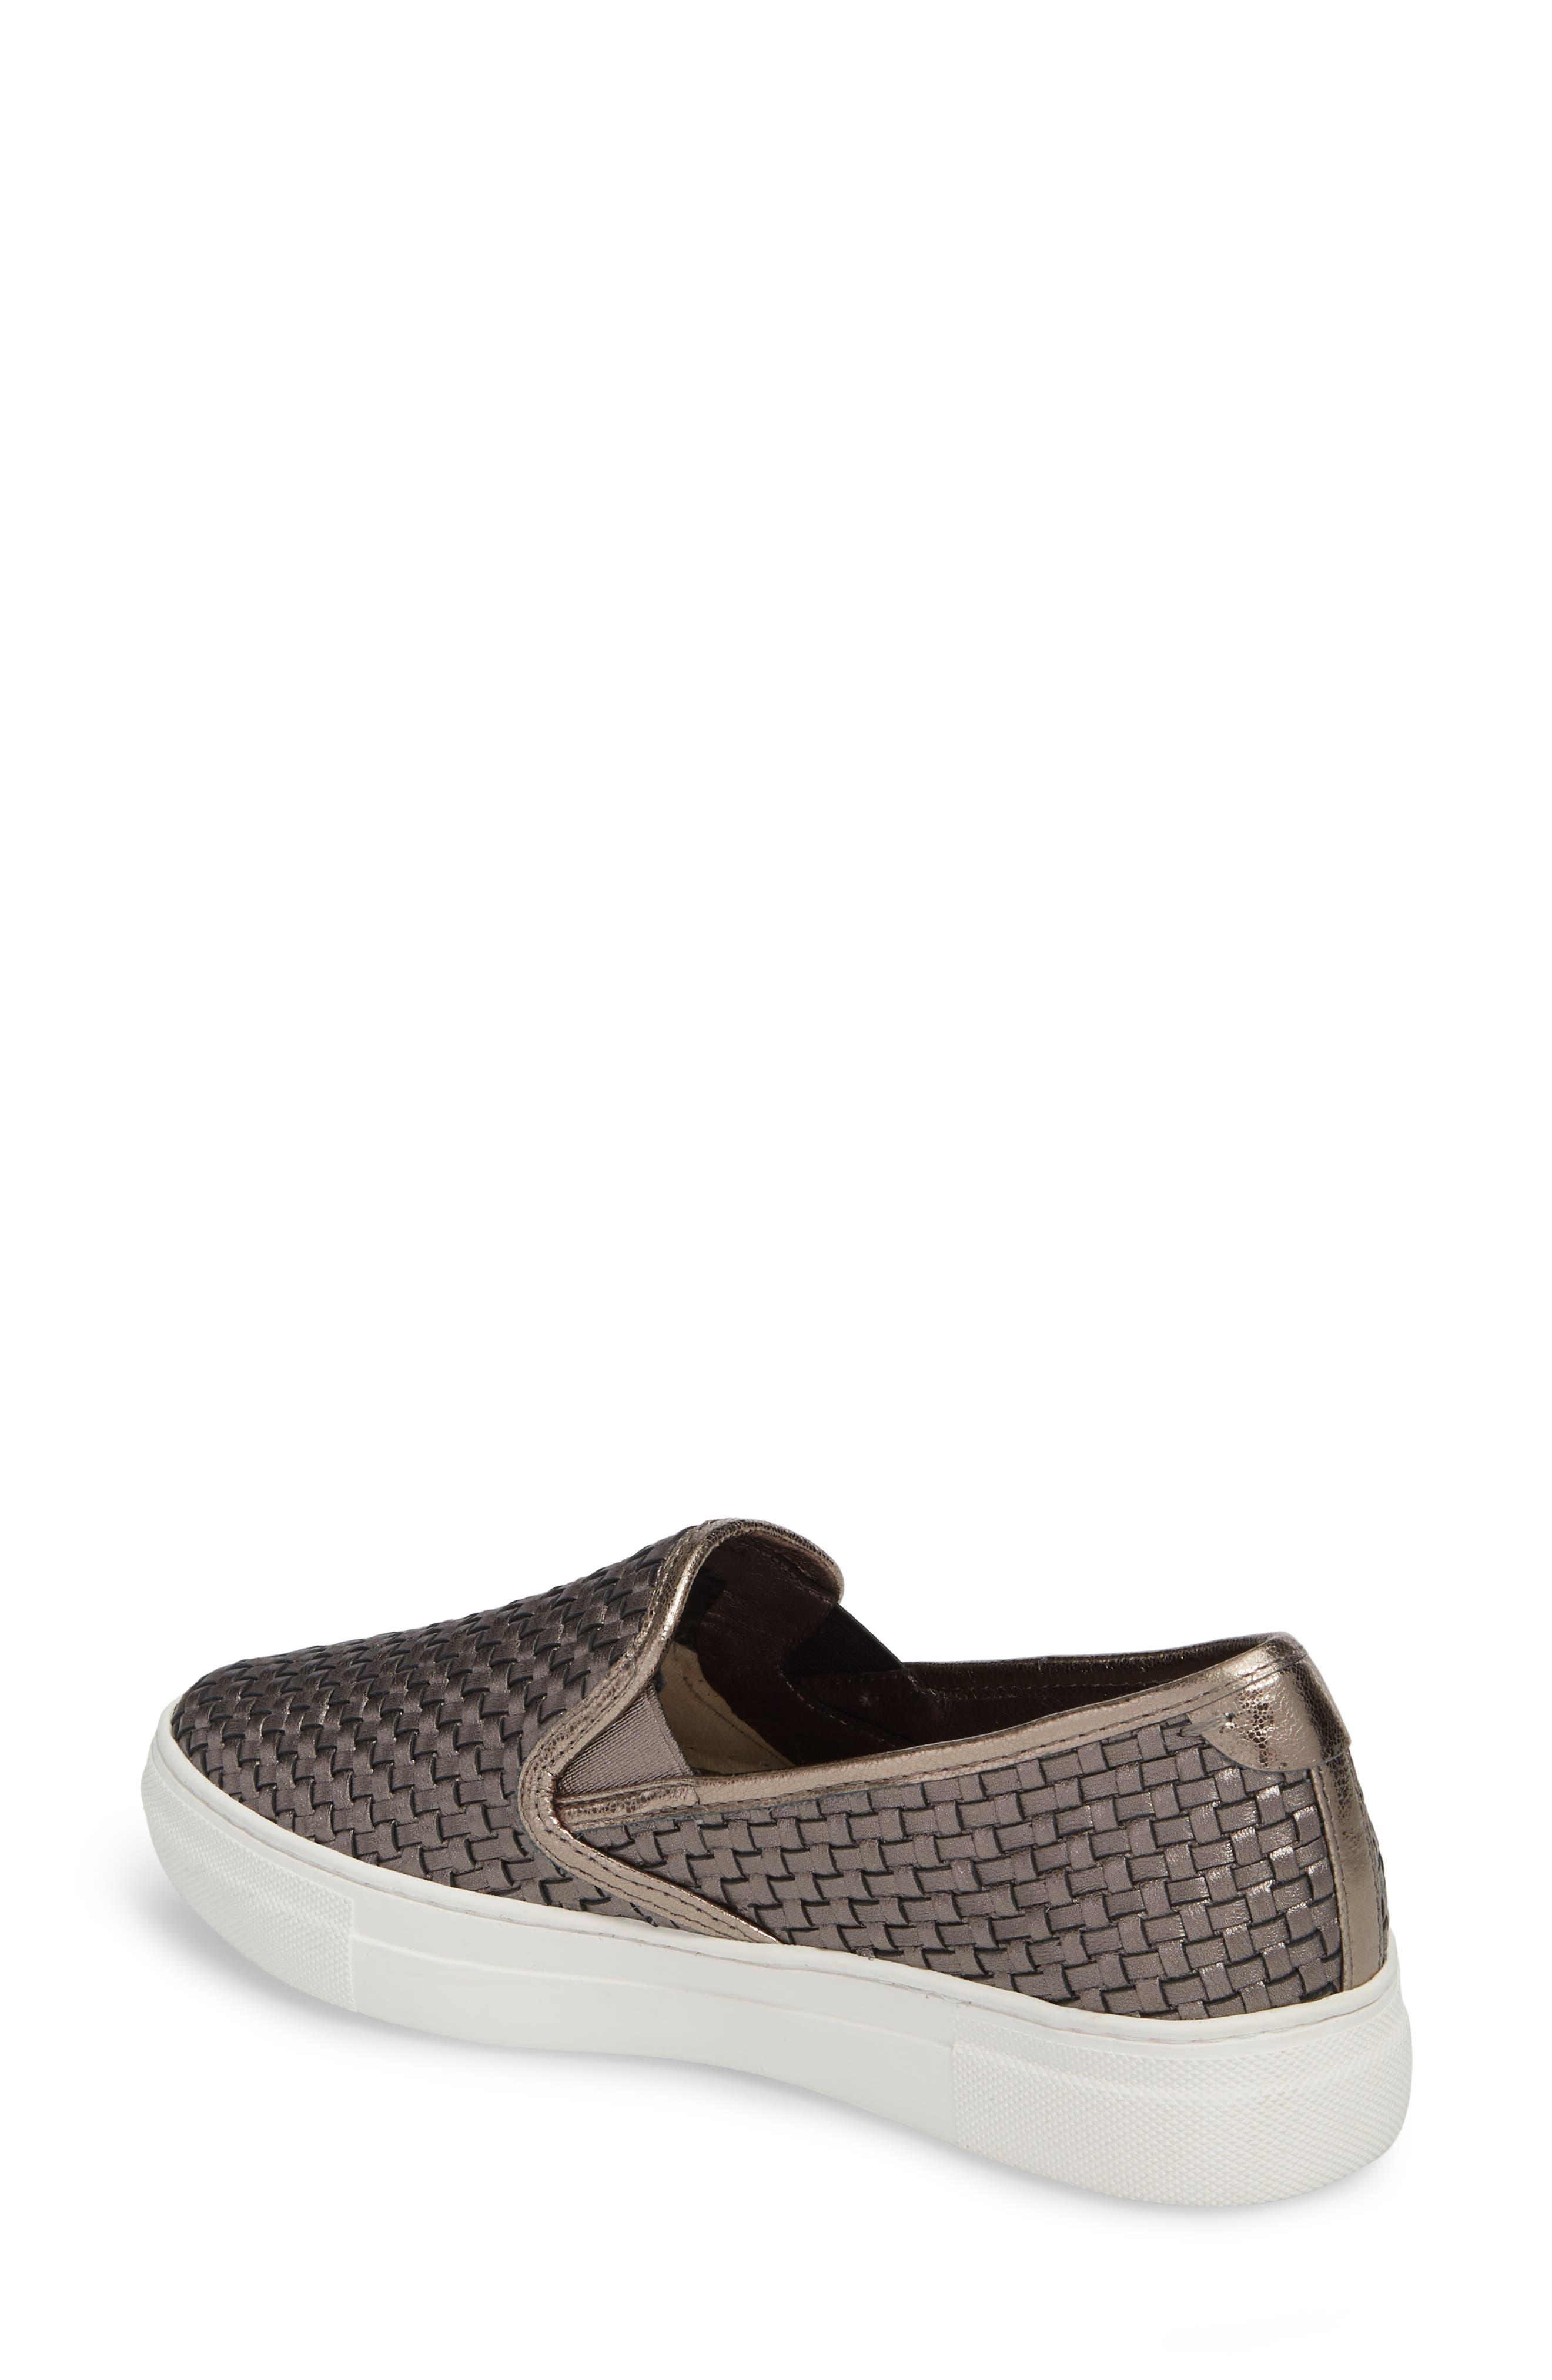 Flynn Slip-On Sneaker,                             Alternate thumbnail 2, color,                             Pewter Leather